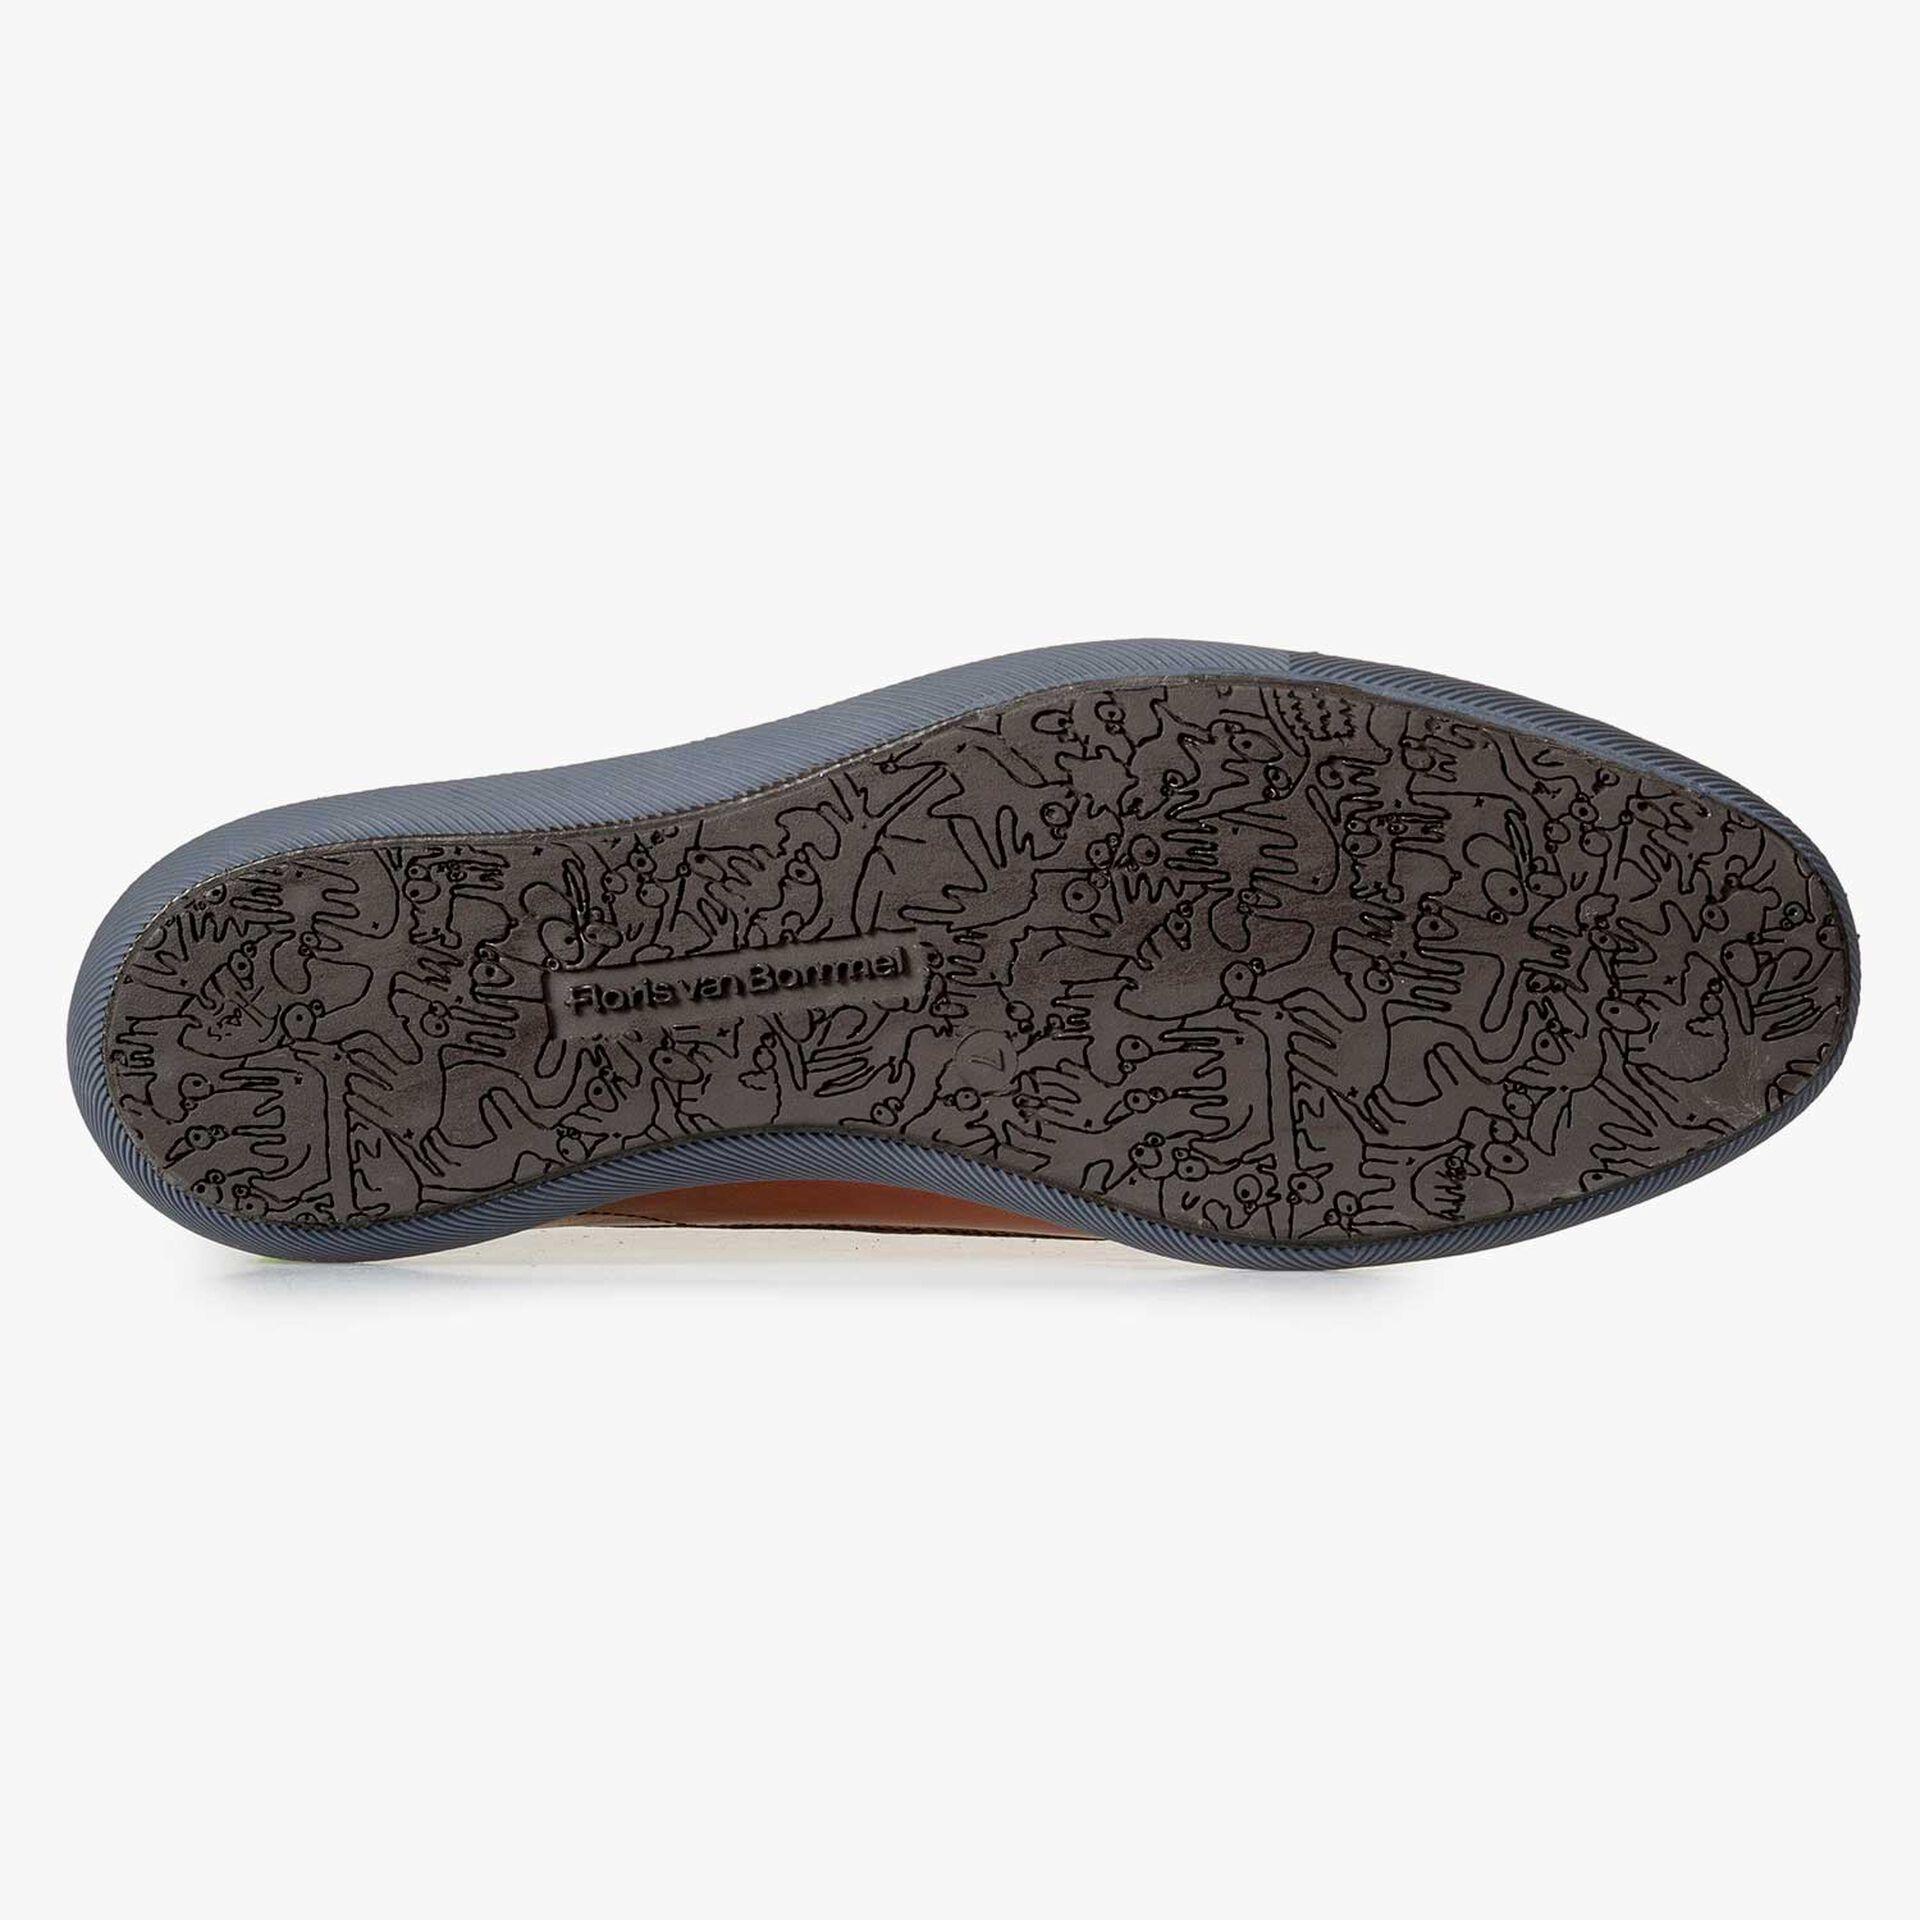 Cognac-coloured lace shoe with sportive trim lines